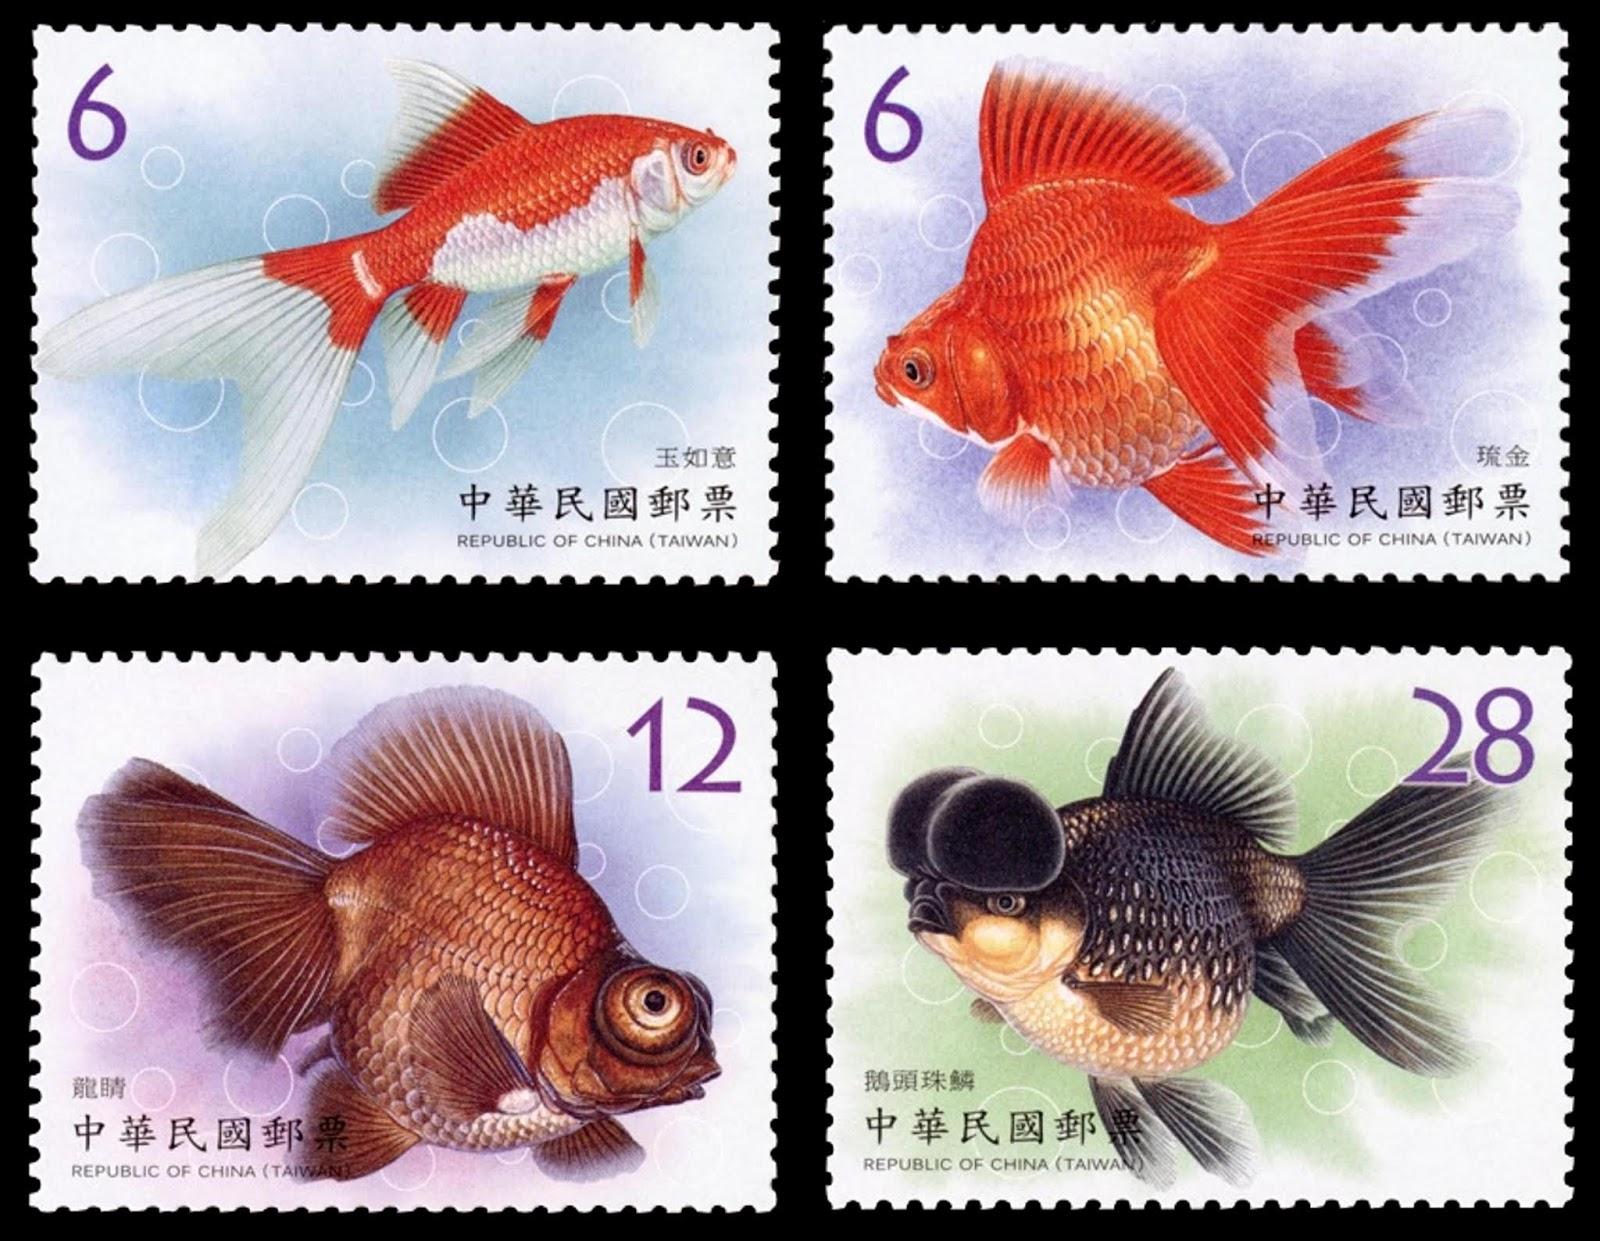 Republic of China (Taiwan) - Aquatic Life: Goldfish (January 24, 2019)